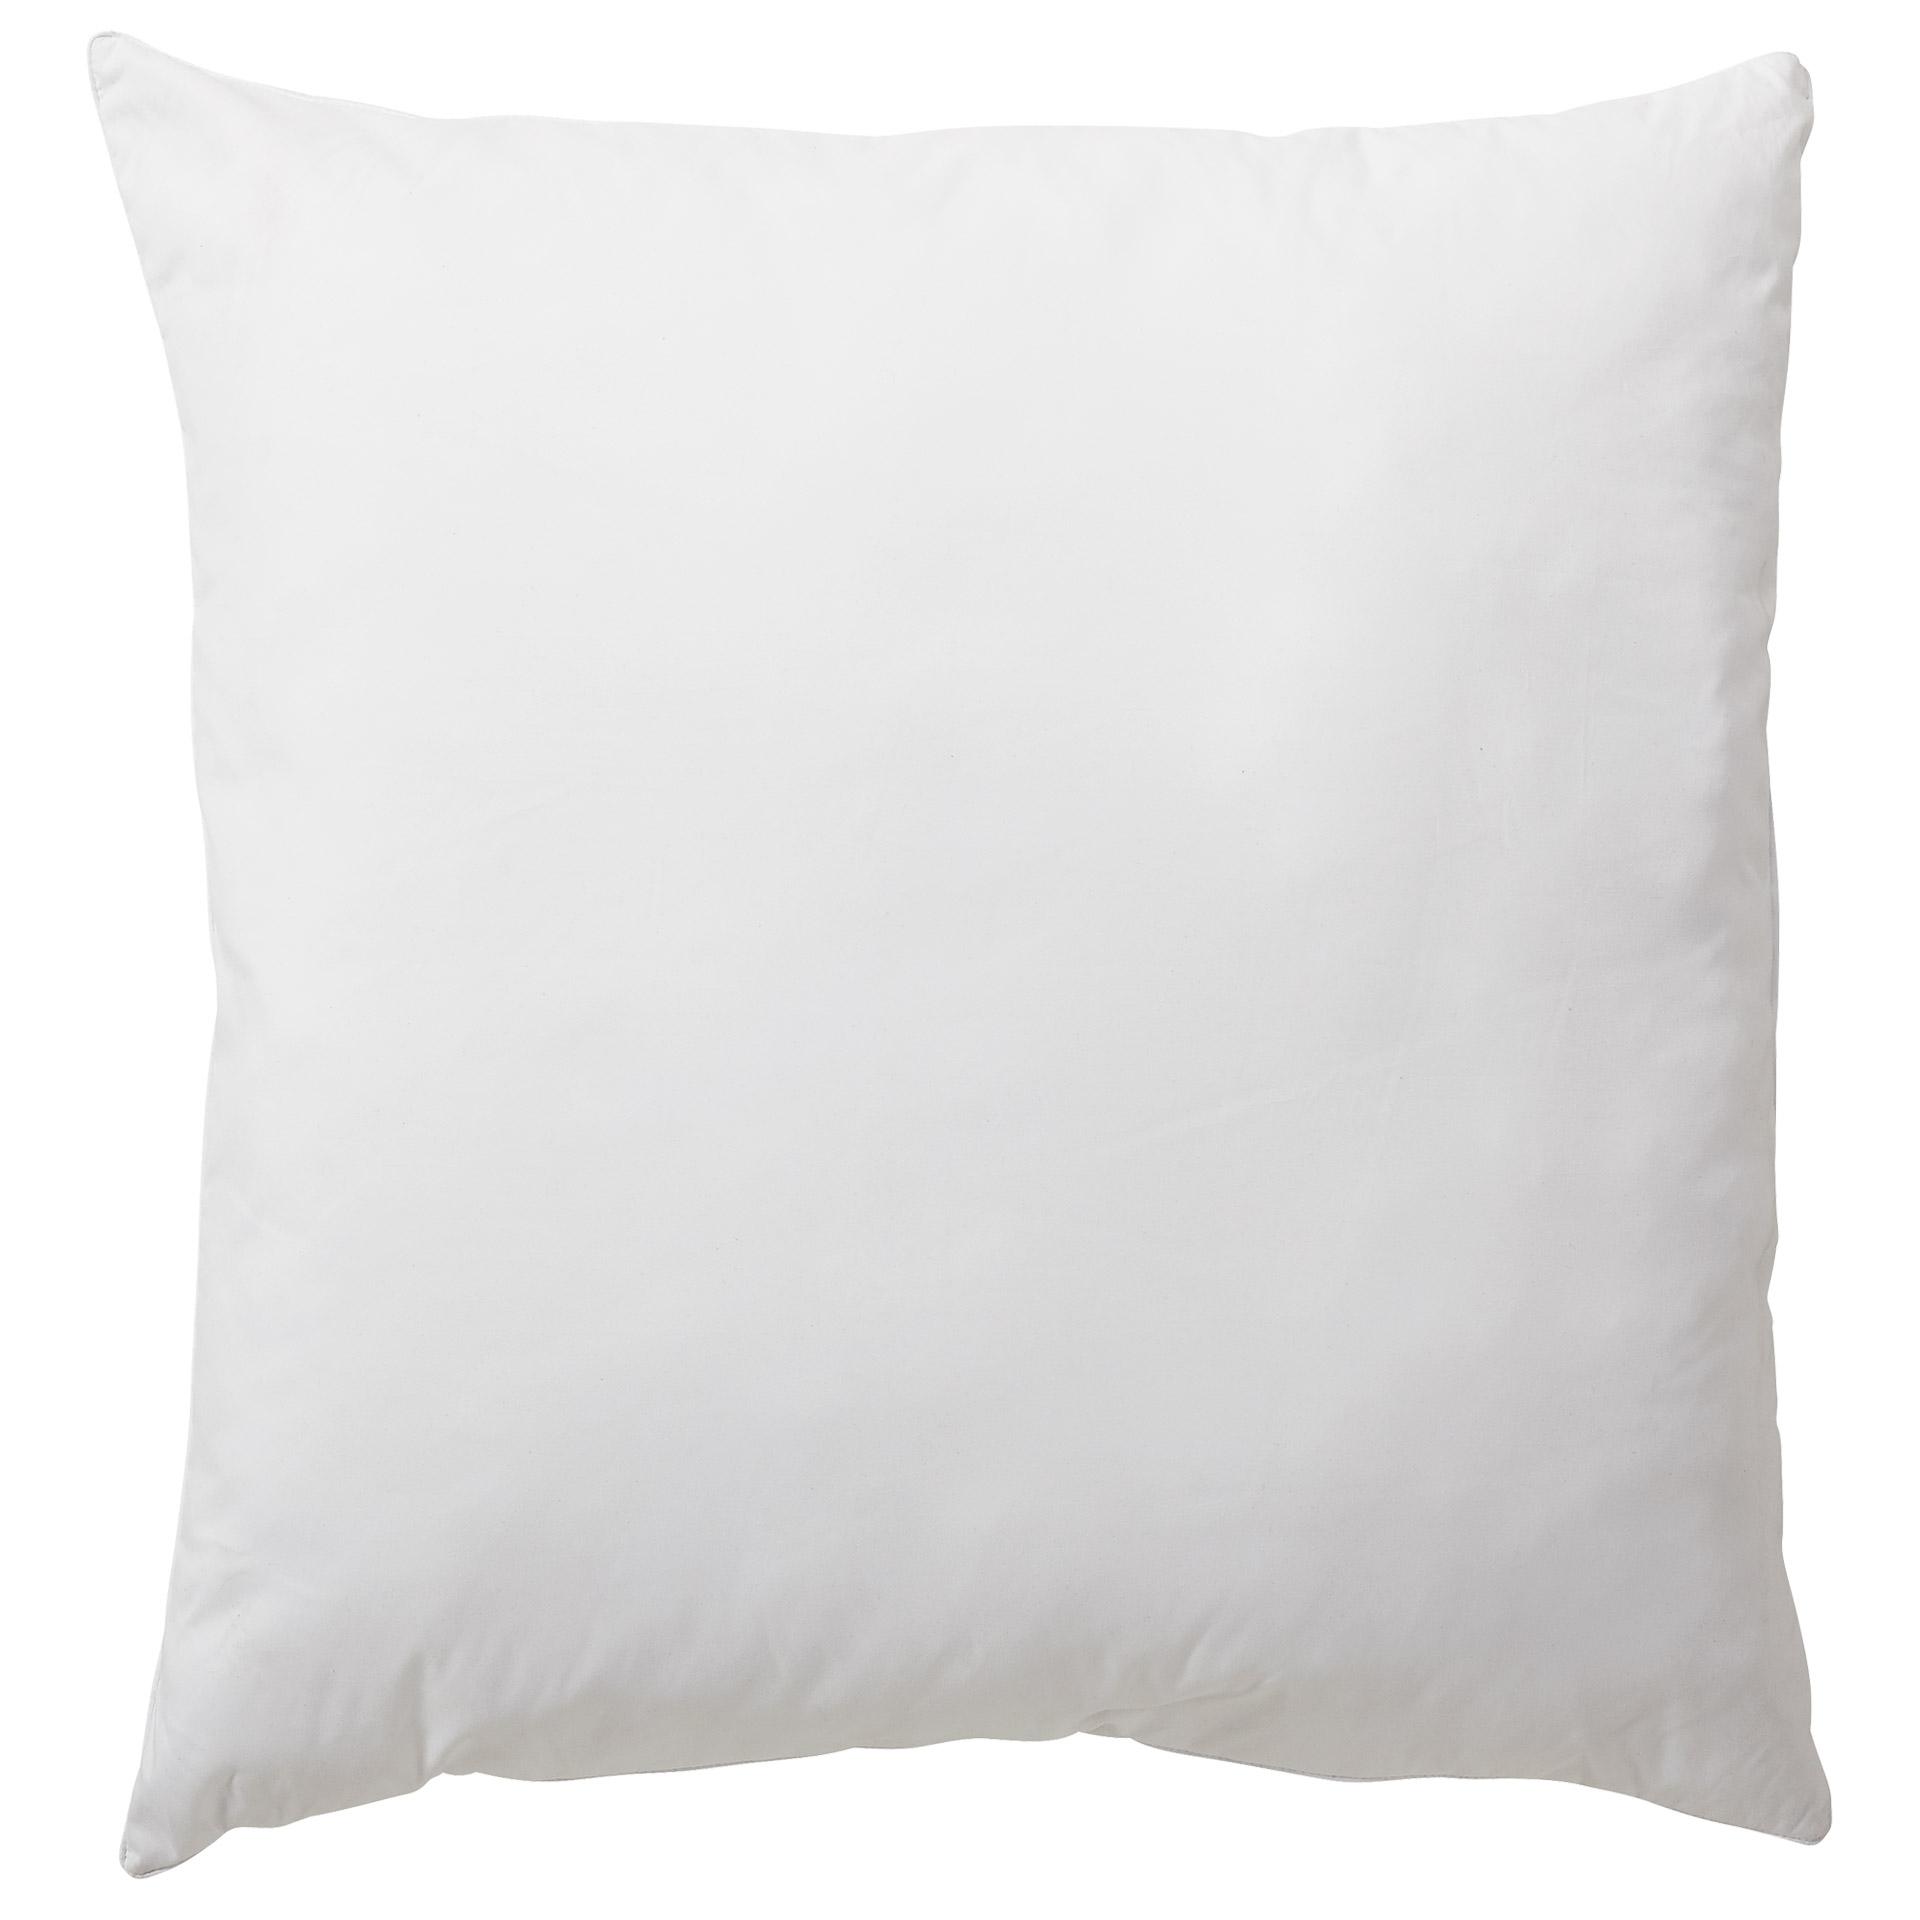 Kopfkissen KRONBORG® Edition (80x80, weiß)